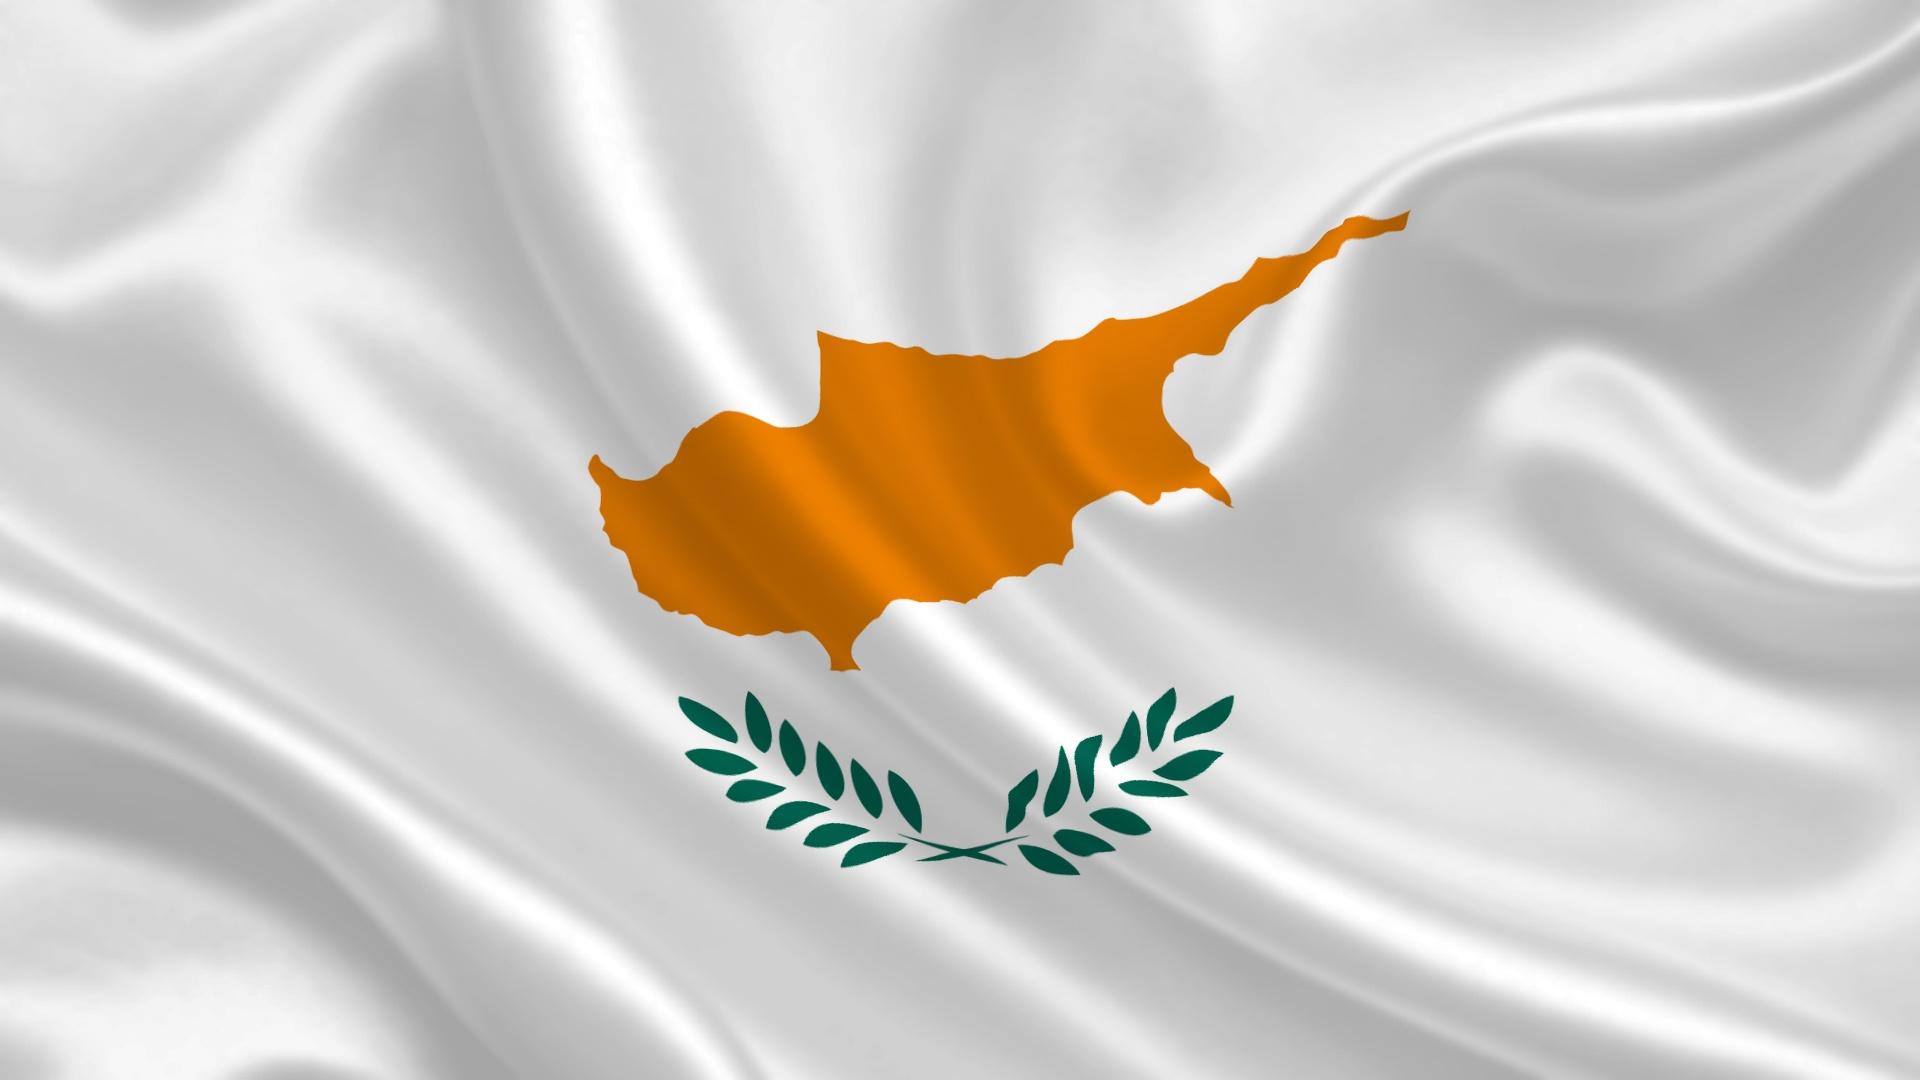 488896_cyprus_satin_flag_flag_kipr_gerb_1920x1080_www-getbg-net